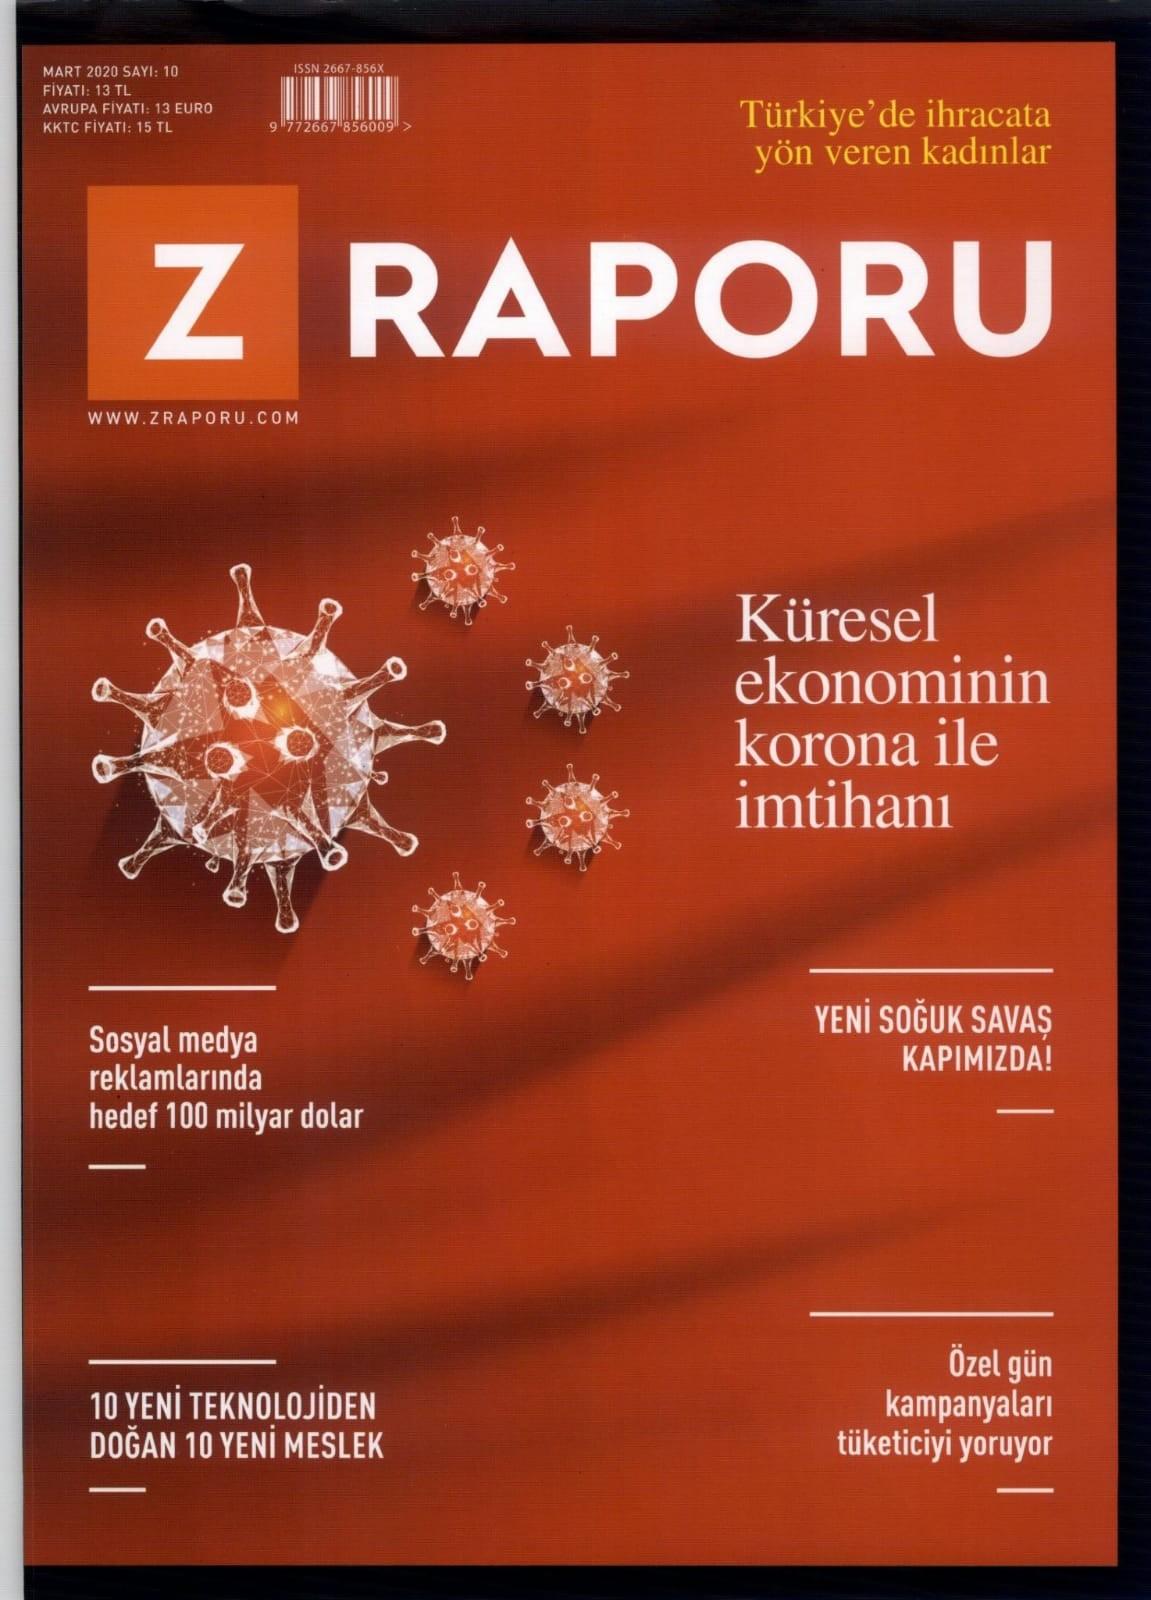 Zücder Z Raporu Kapak 04.03.2020